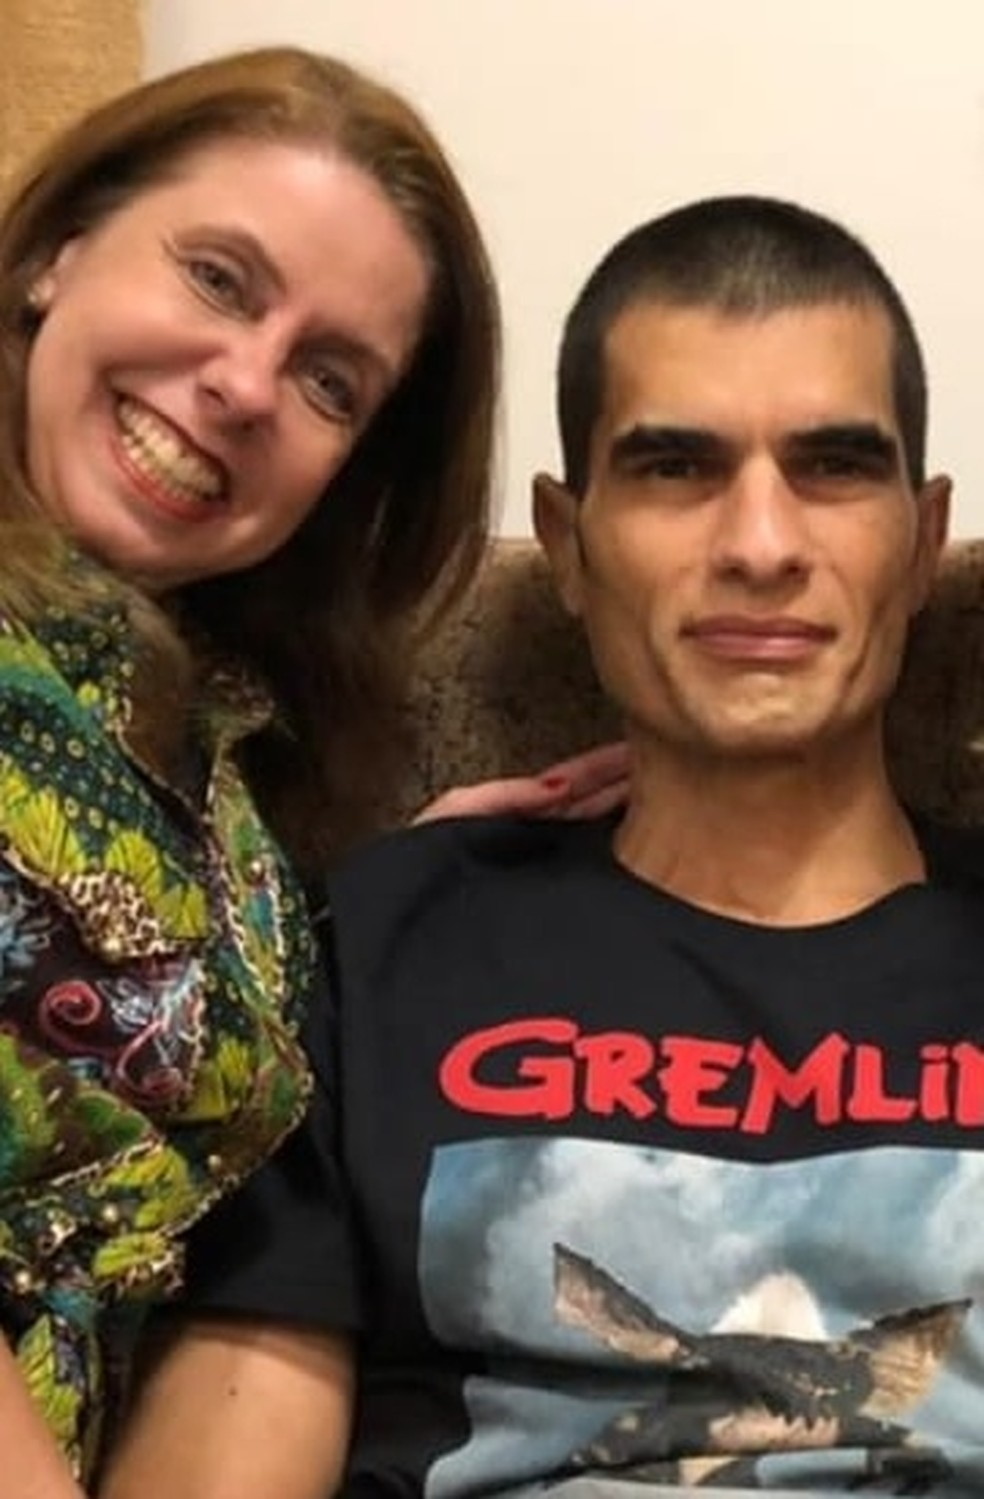 Flávia Shayer doou o rim para o marido Cristiano Gomes — Foto: Arquivo pessoal/ Flávia Shayer